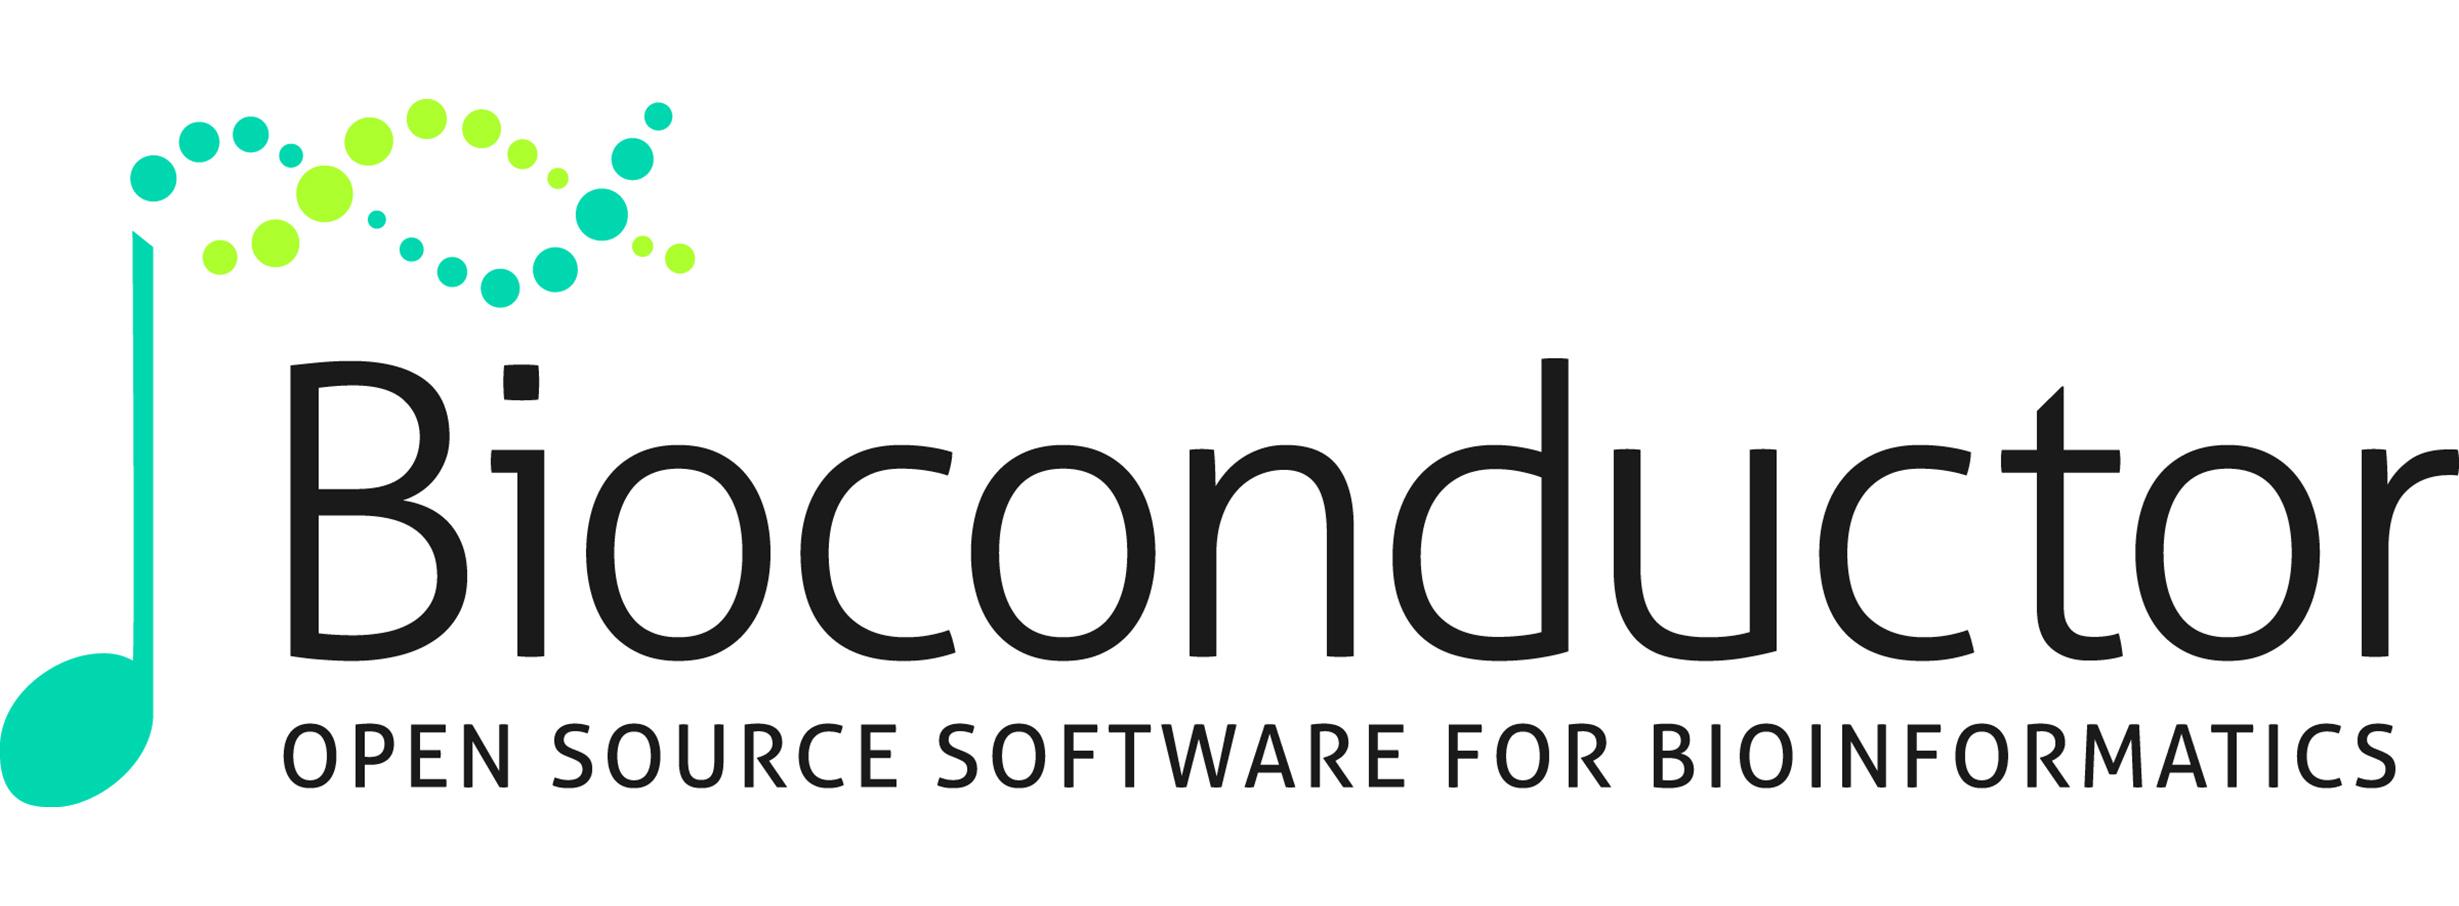 Bioconductor logo